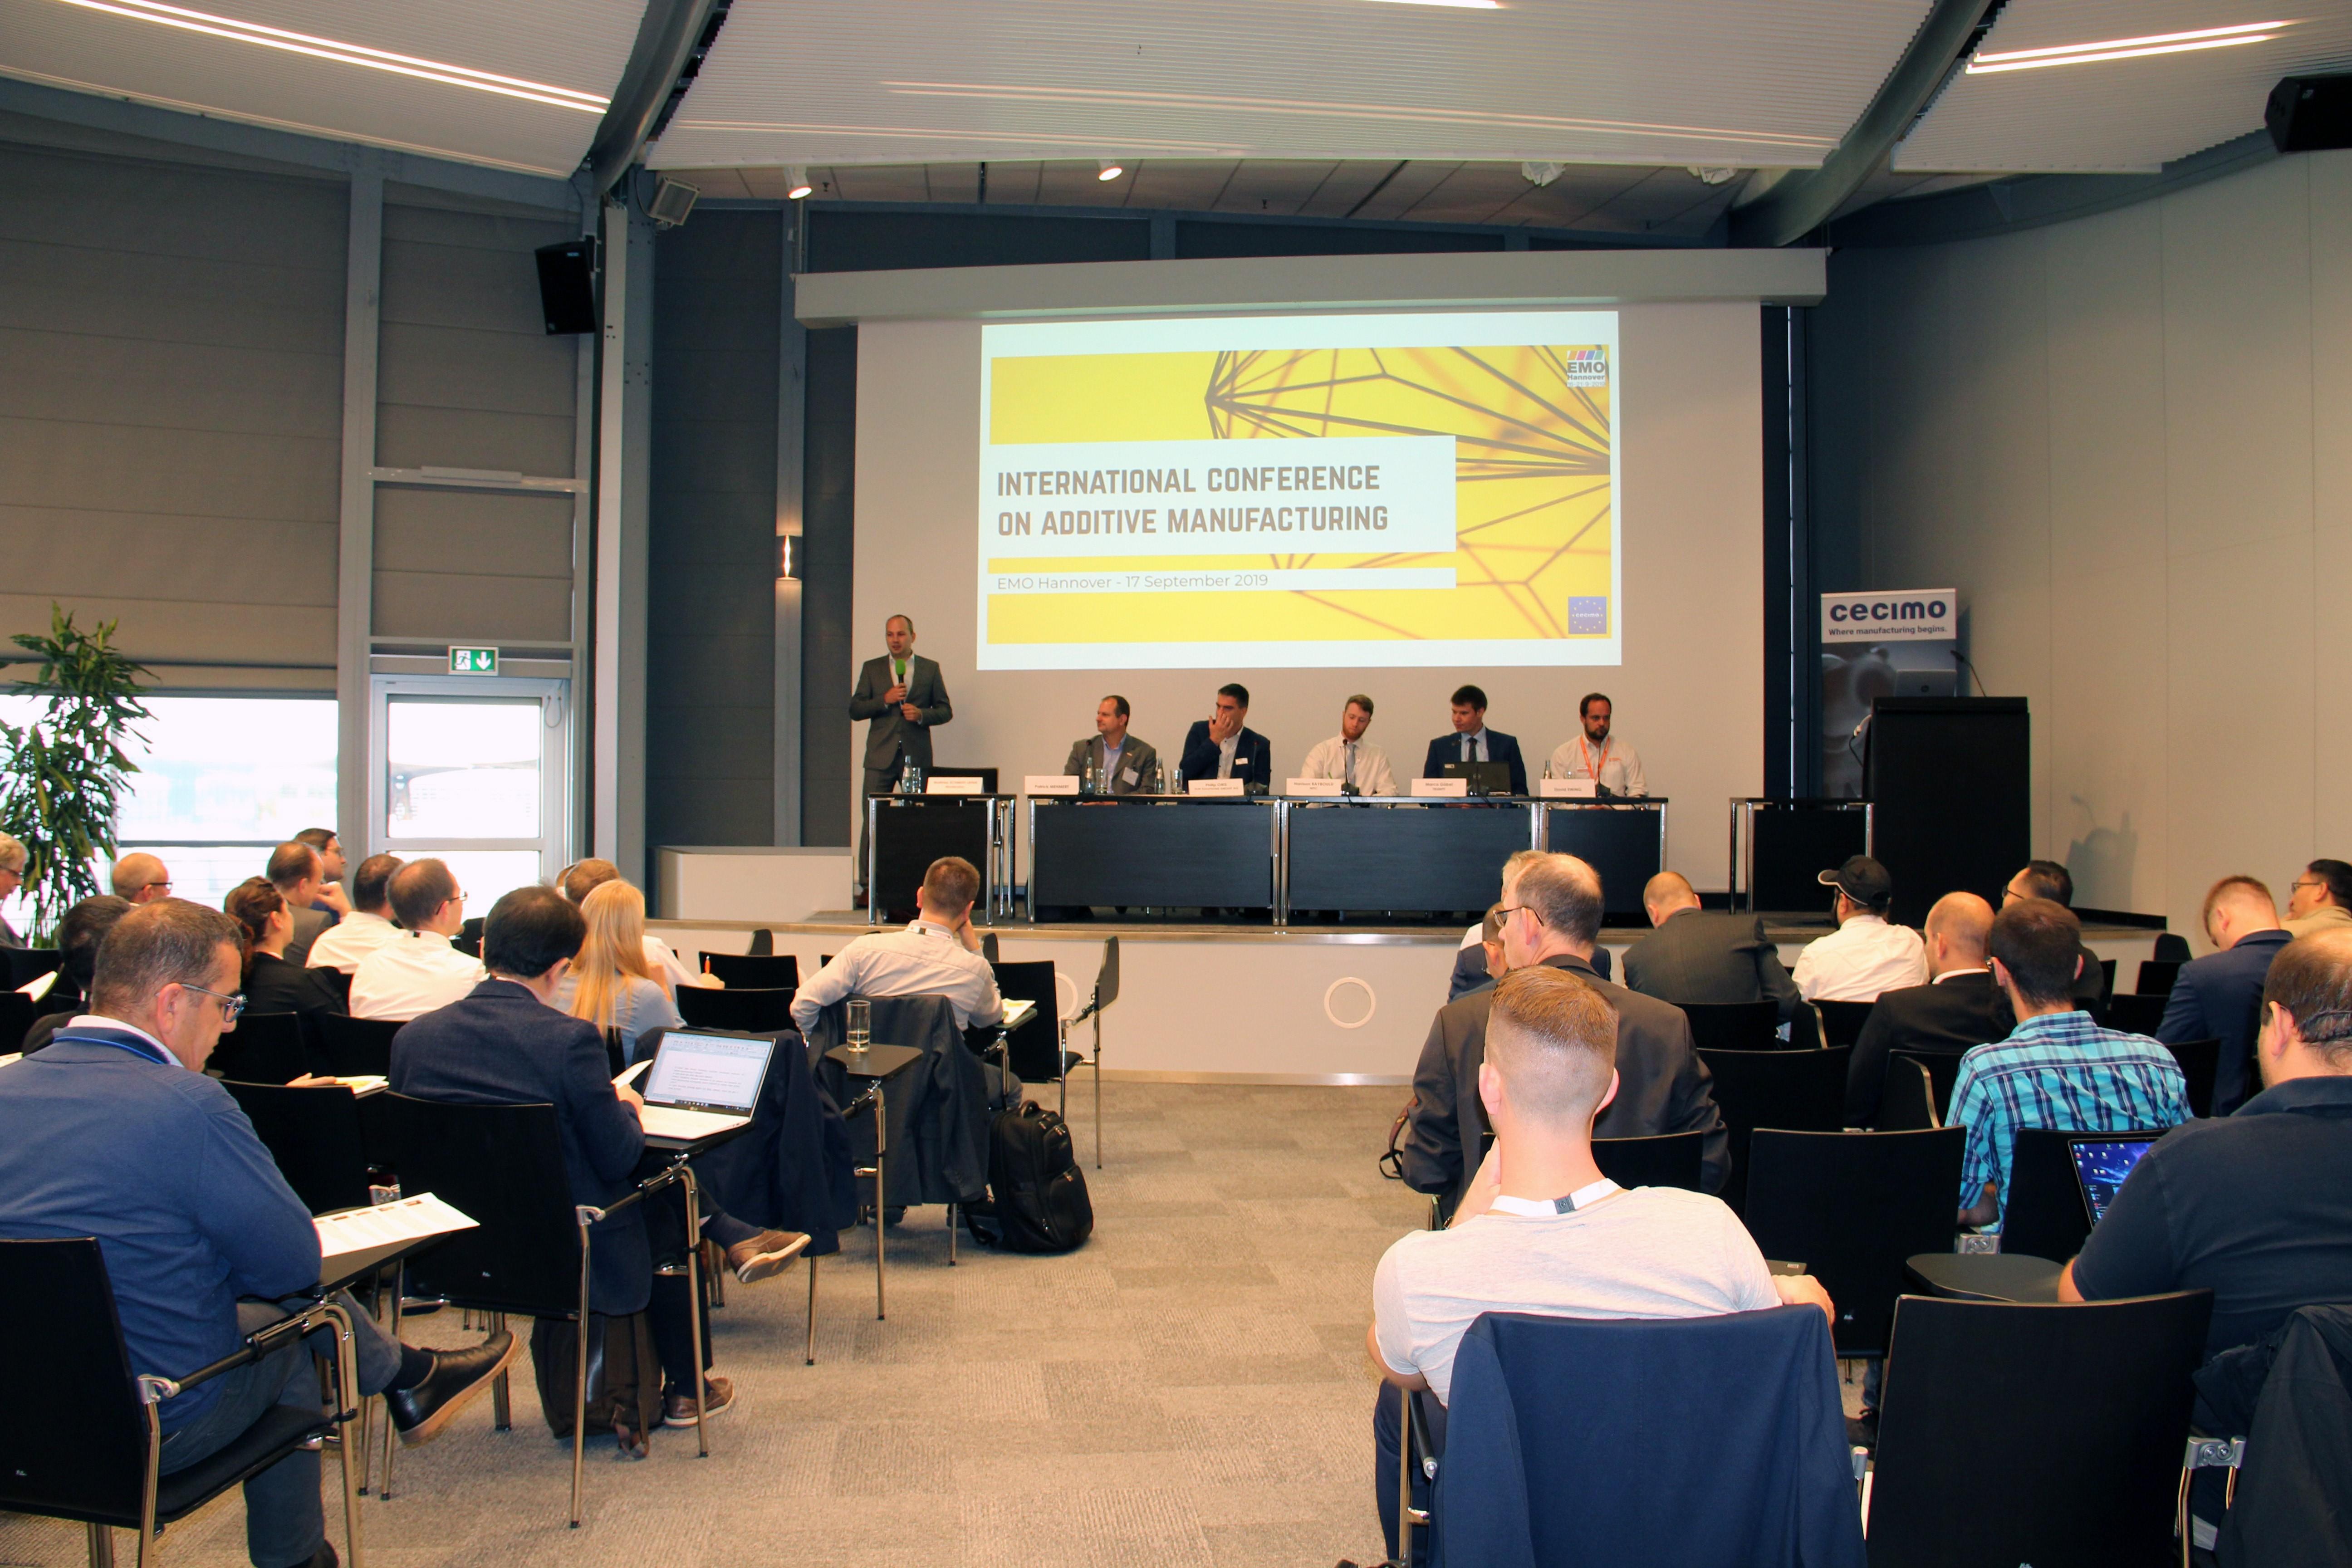 Mattias SCHMIDT-LEHR and Speakers